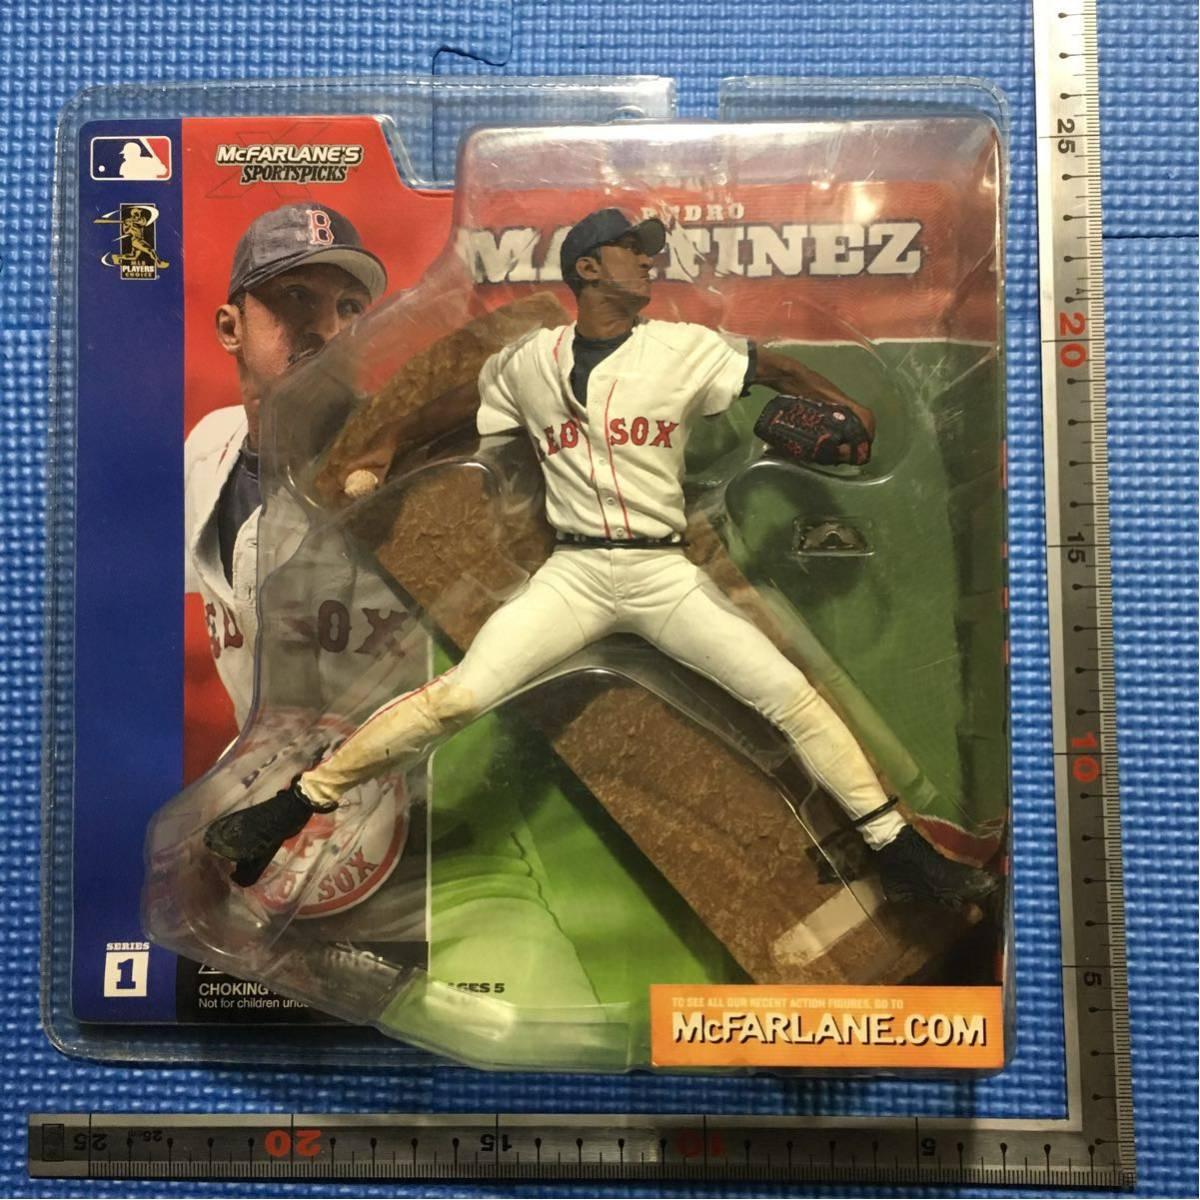 マクファーレン MLB ペドロ マルチネス ボストン レッドソックス フィギュア メジャーリーグ ベースボール 未開封 貴重 グッズの画像